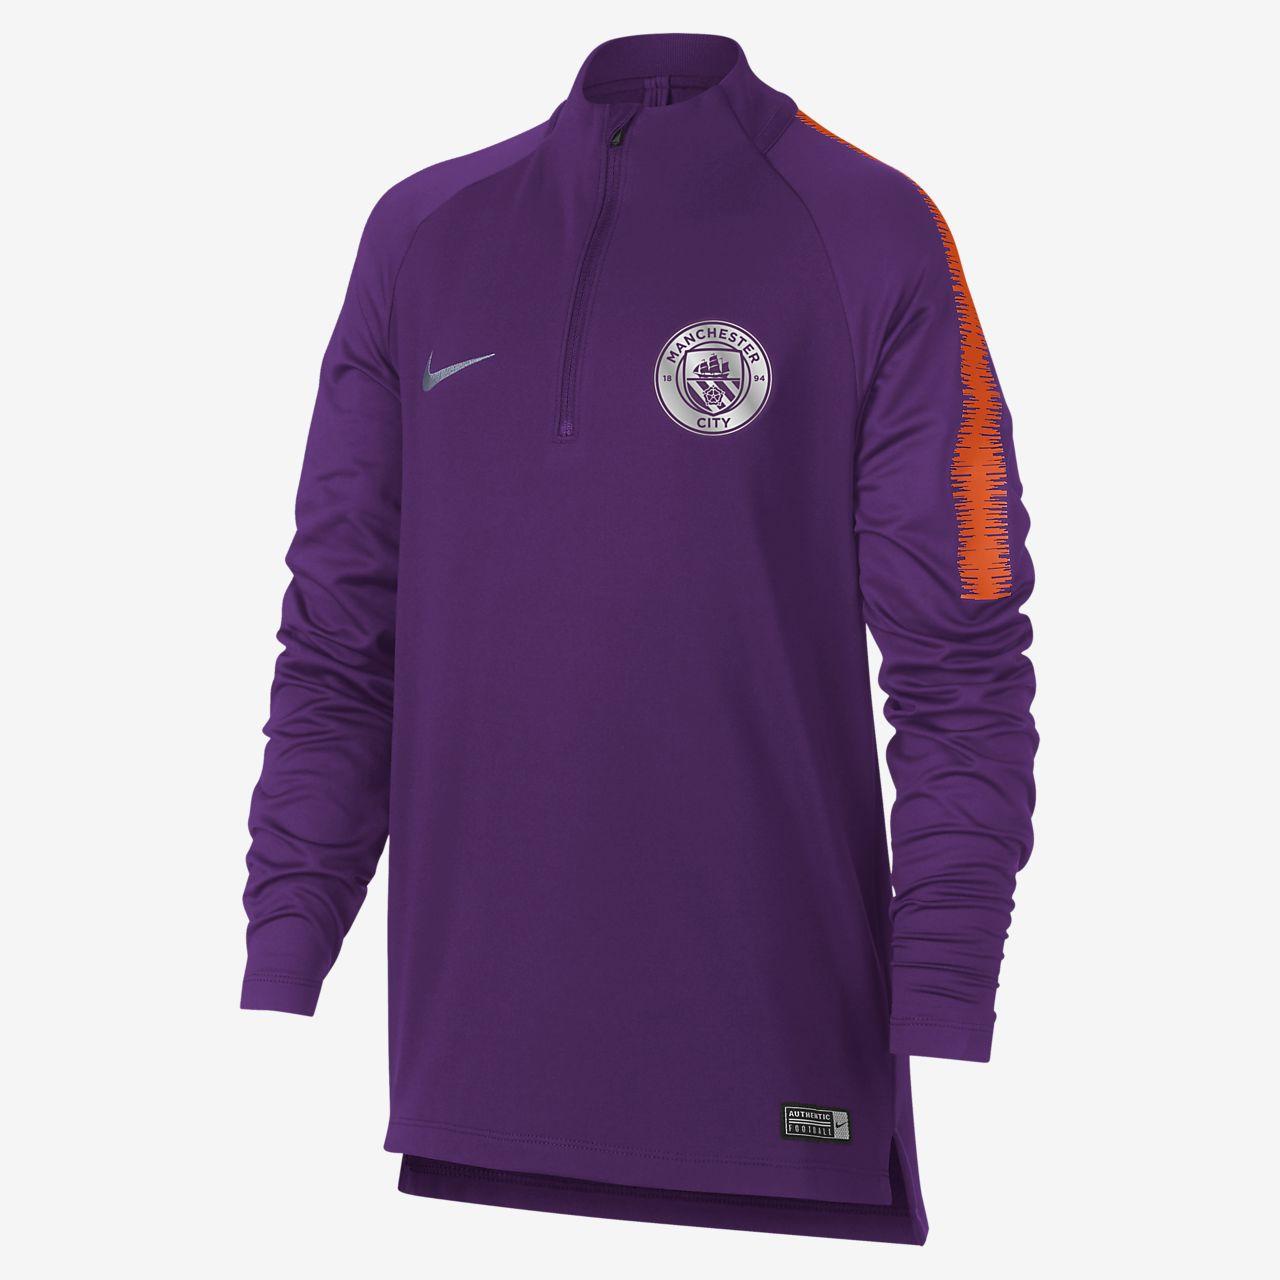 Koszulka piłkarska z długim rękawem dla dużych dzieci Manchester City FC Dri-FIT Squad Drill